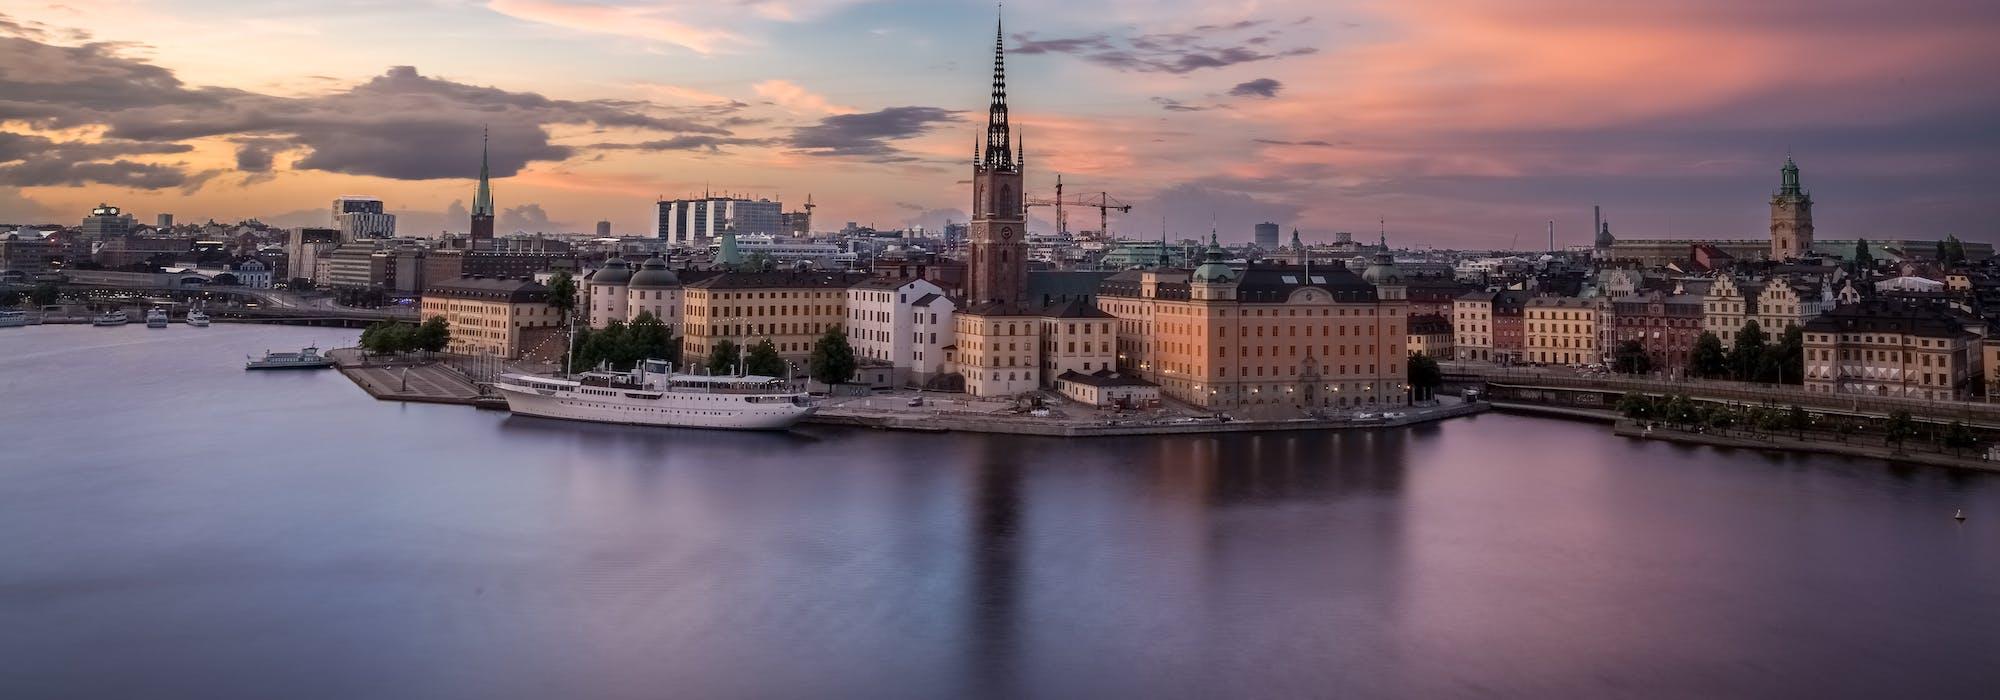 Bild från ovan på Stockholm med havet och höga byggnader i bakgrunden.